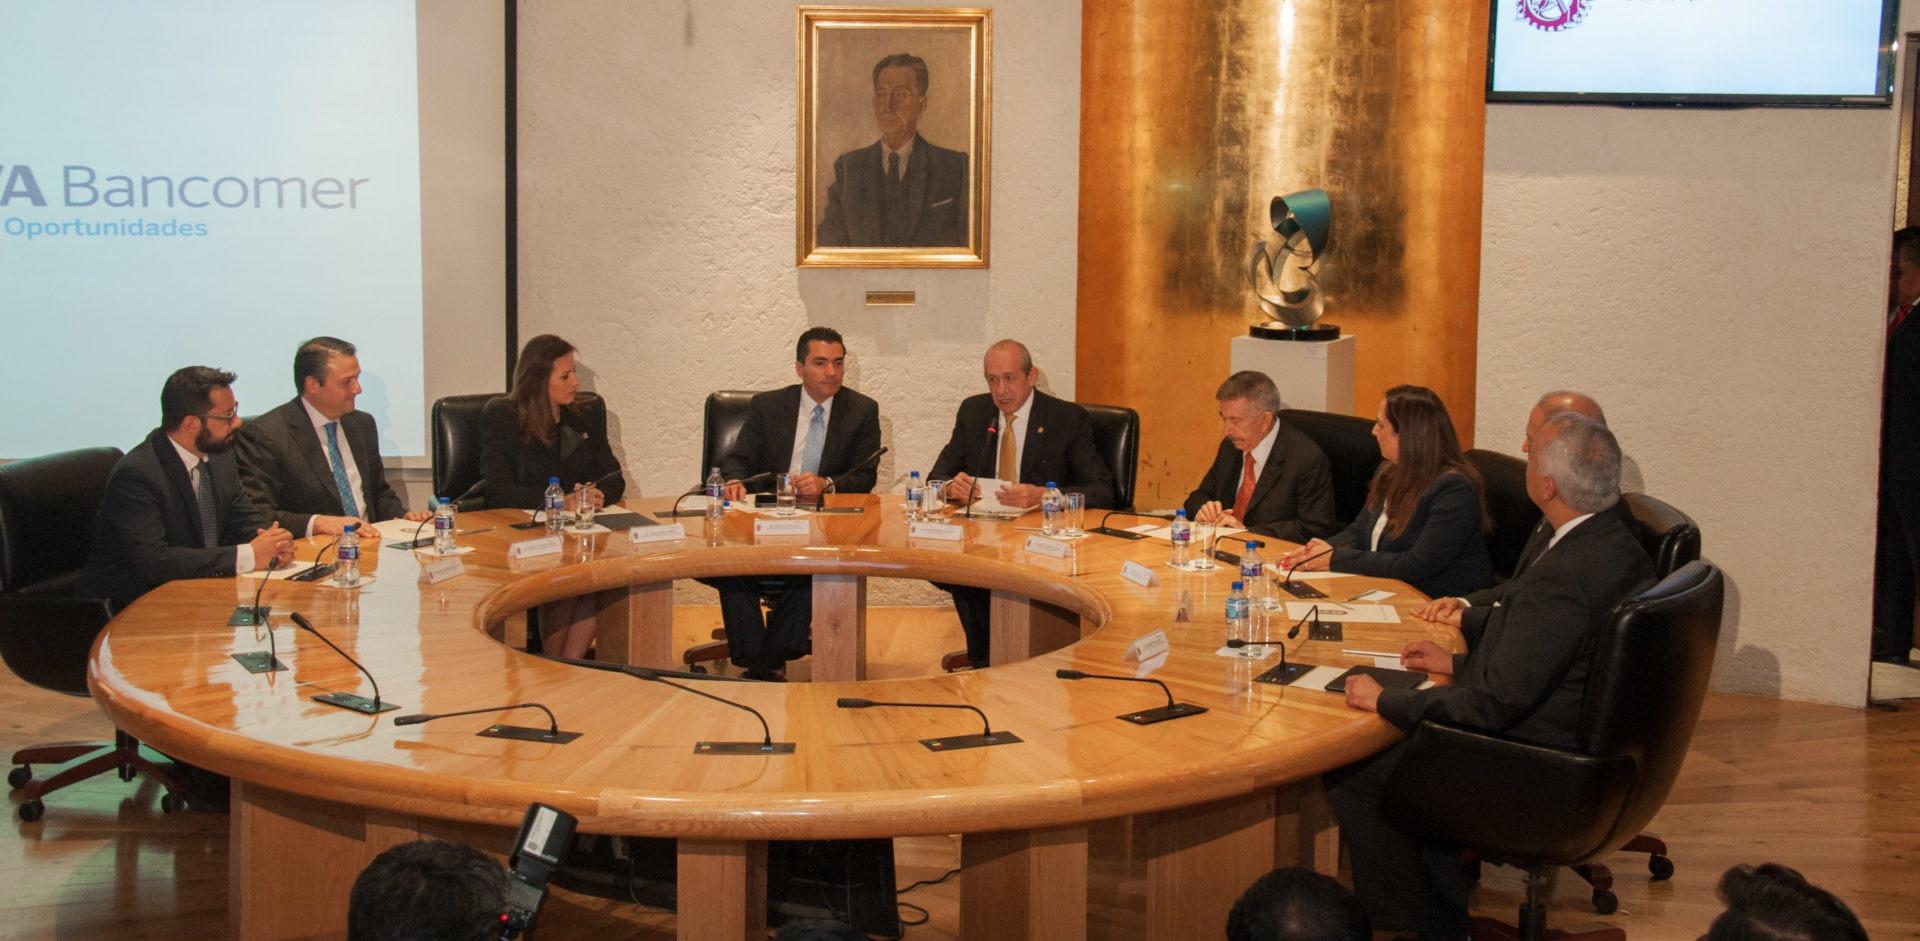 Firma de convenio de colaboración y vinculacion academica IPN-Bancomer portada